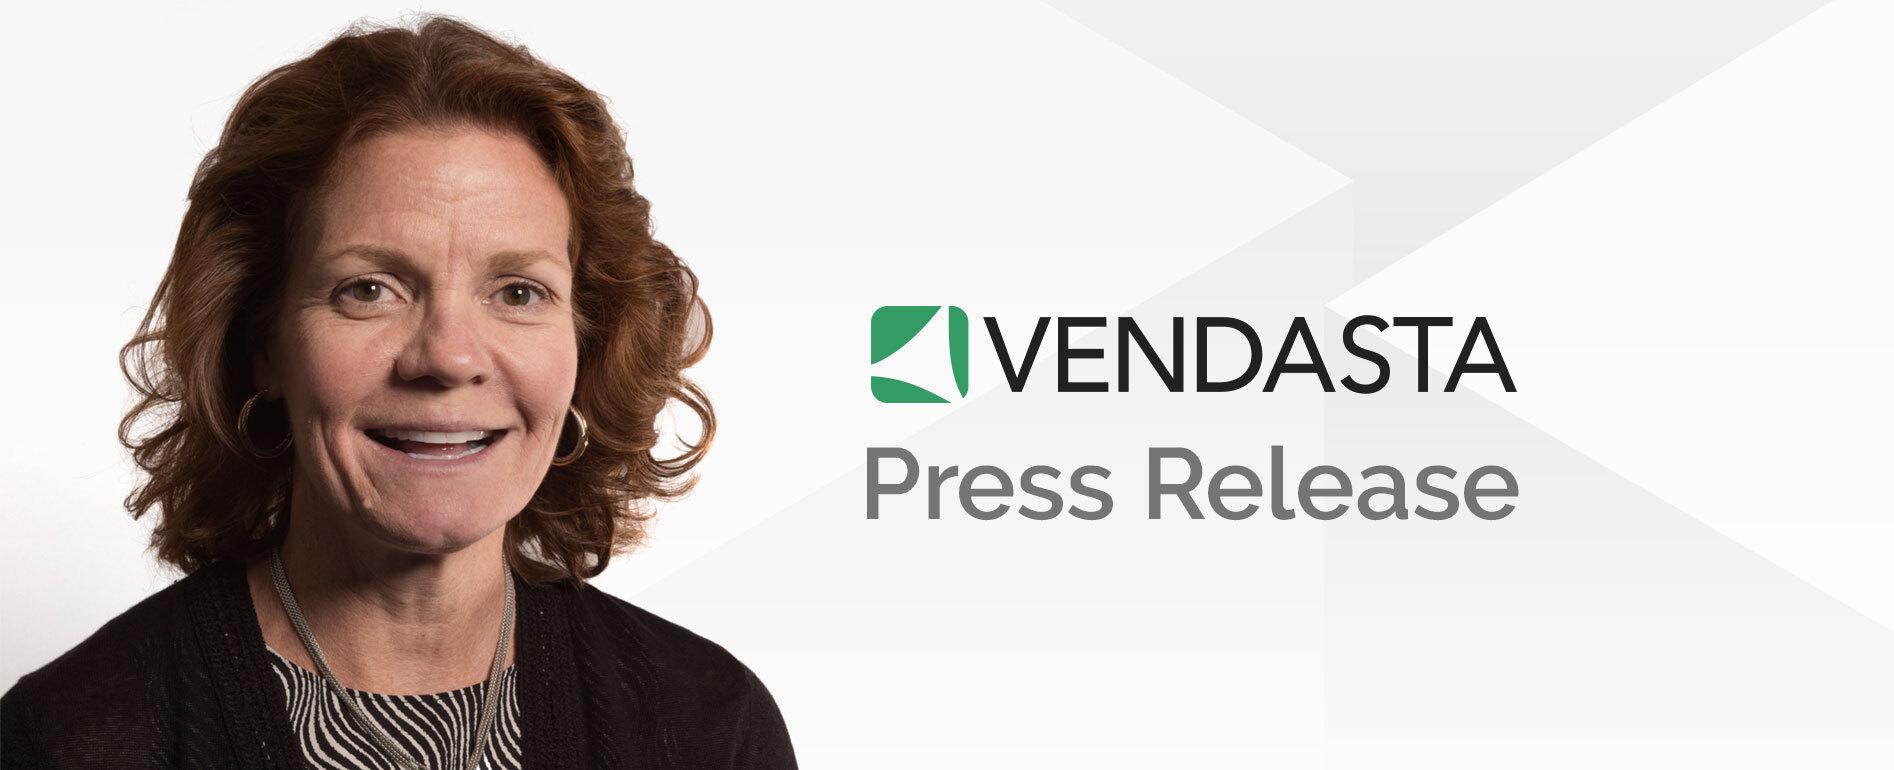 Vendasta welcomes Lisa Reeves to Board of Directors